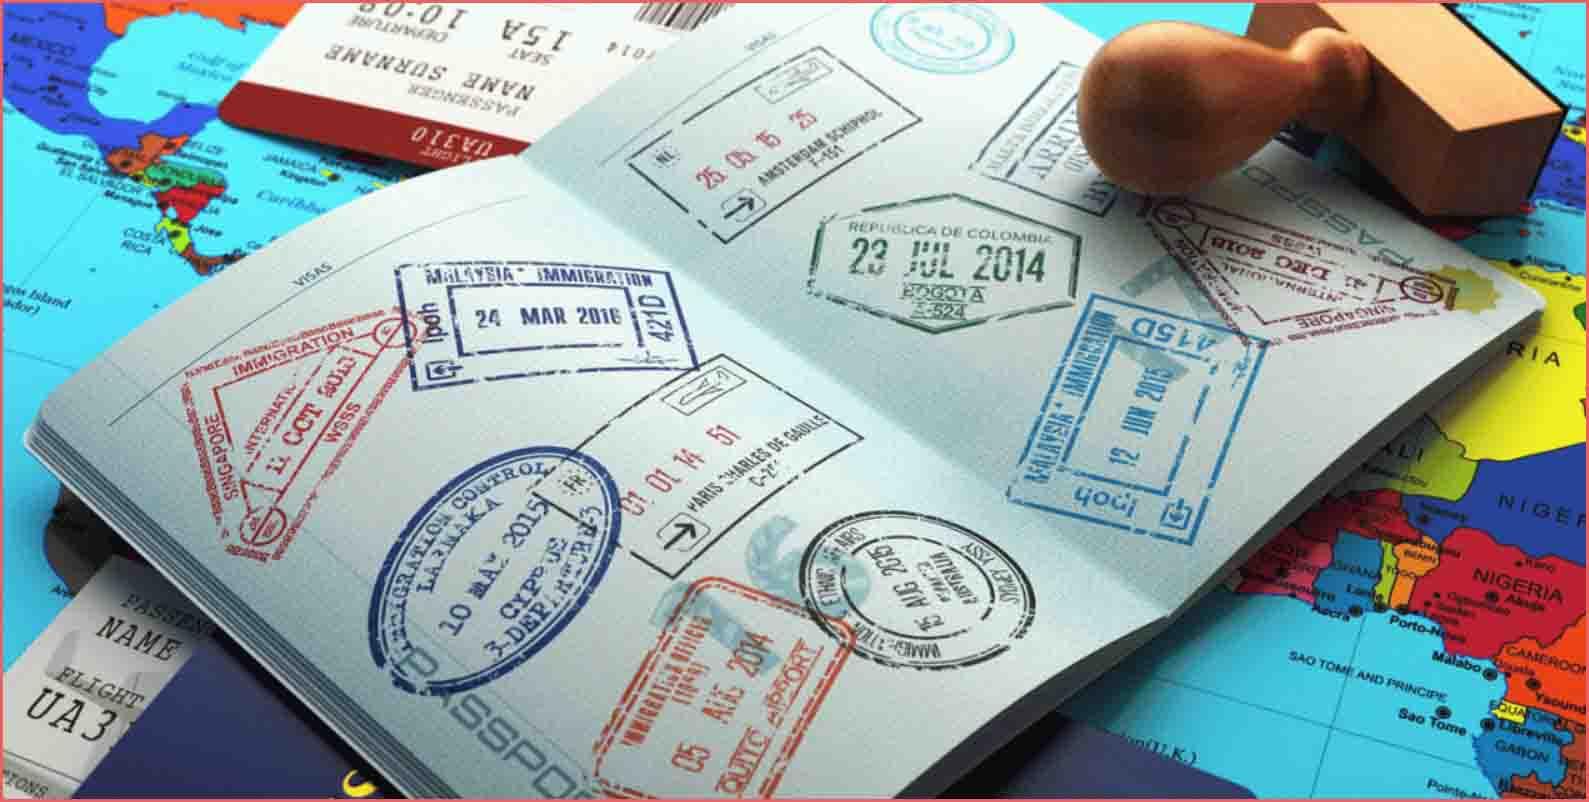 ما هي اجراءات السفر الى كندا بدون فيزا وكيفية استخراج تصريح السفر الى كندا eTA